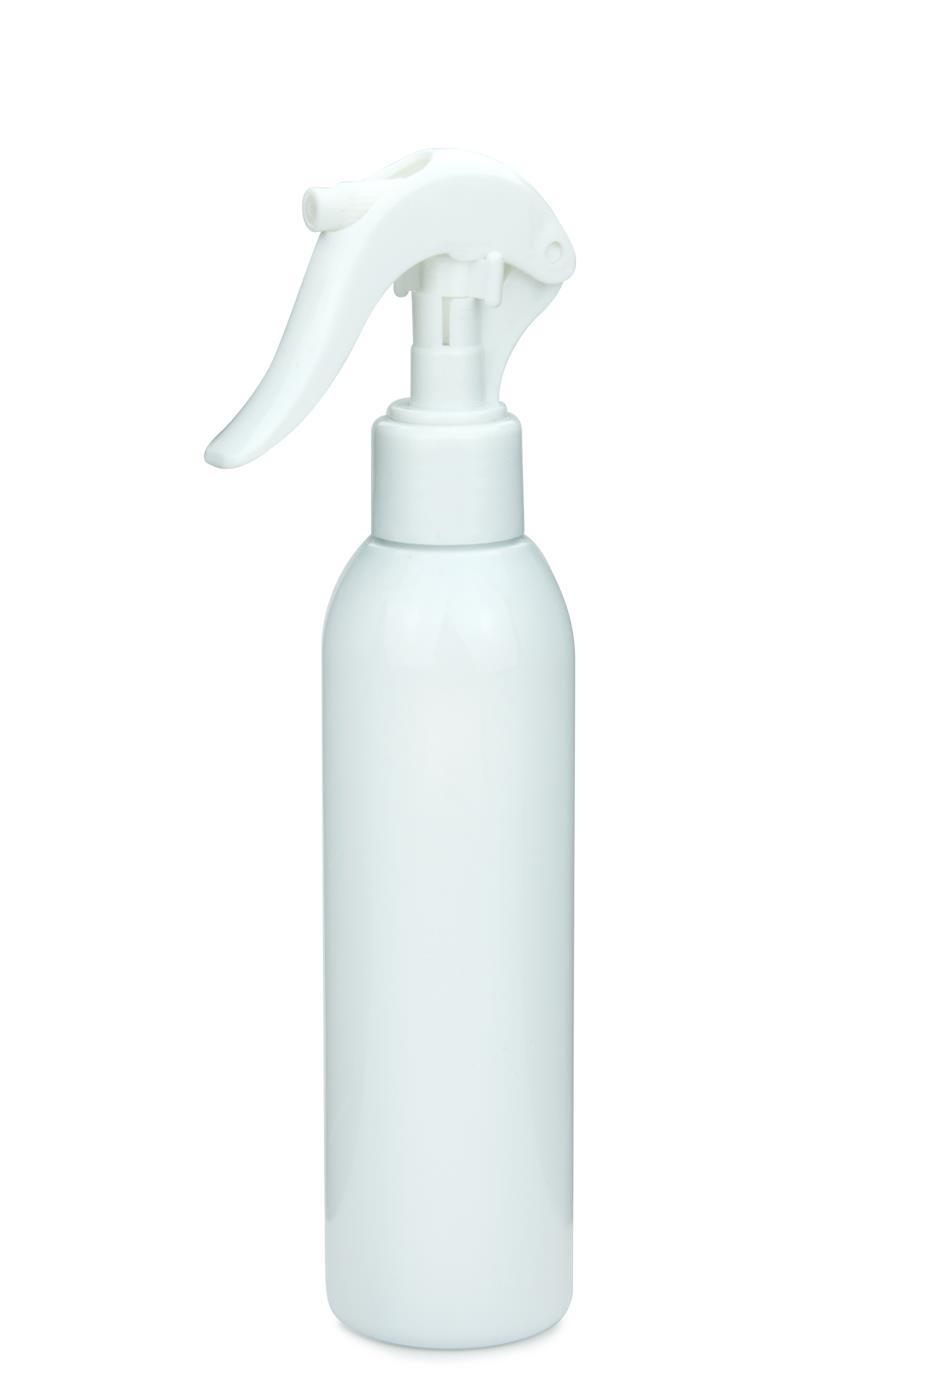 pet flasche aida 200 ml wei mit mini trigger spr hzerst uber 24 410 wei. Black Bedroom Furniture Sets. Home Design Ideas